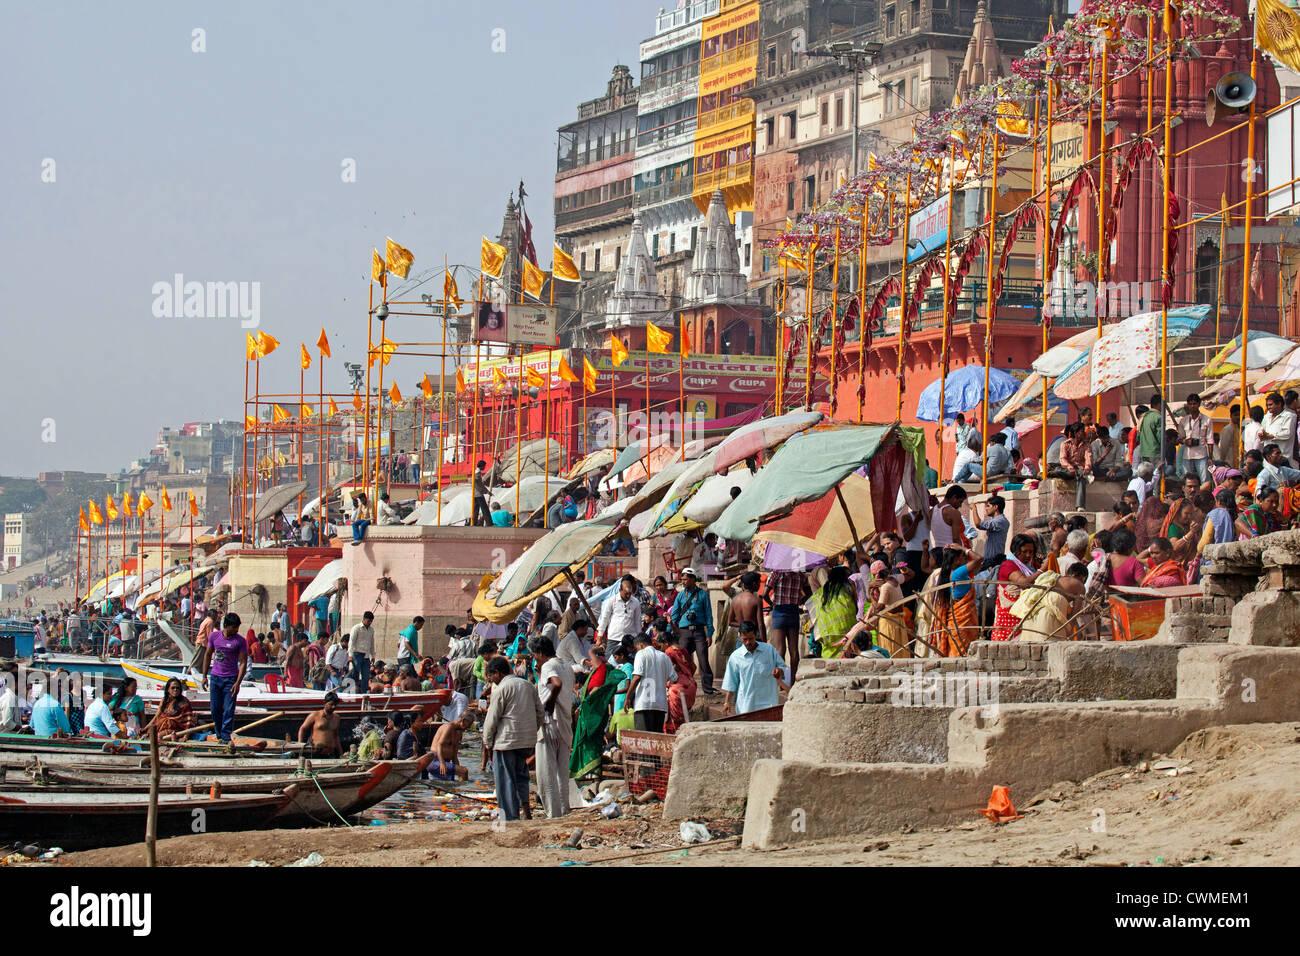 Pèlerins hindous rassemblement à un ghat de se baigner dans le Gange à Varanasi, Uttar Pradesh, Inde Photo Stock